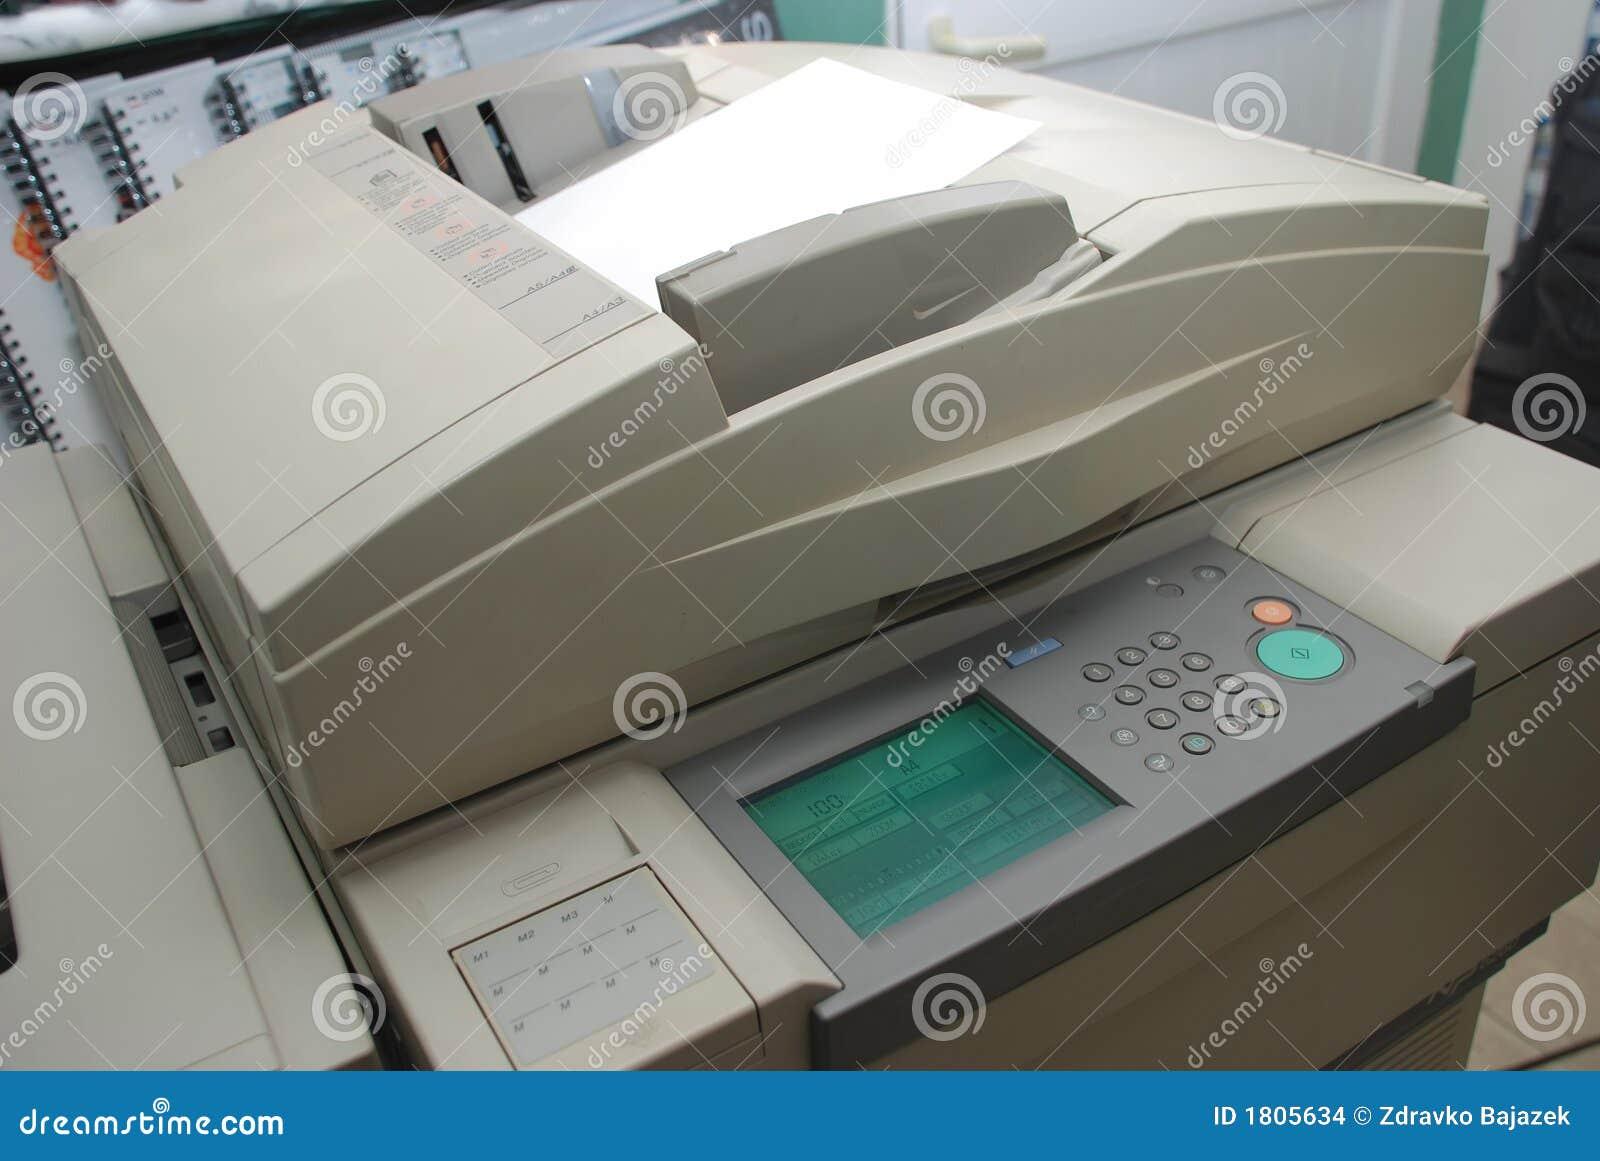 Photocopie machine02